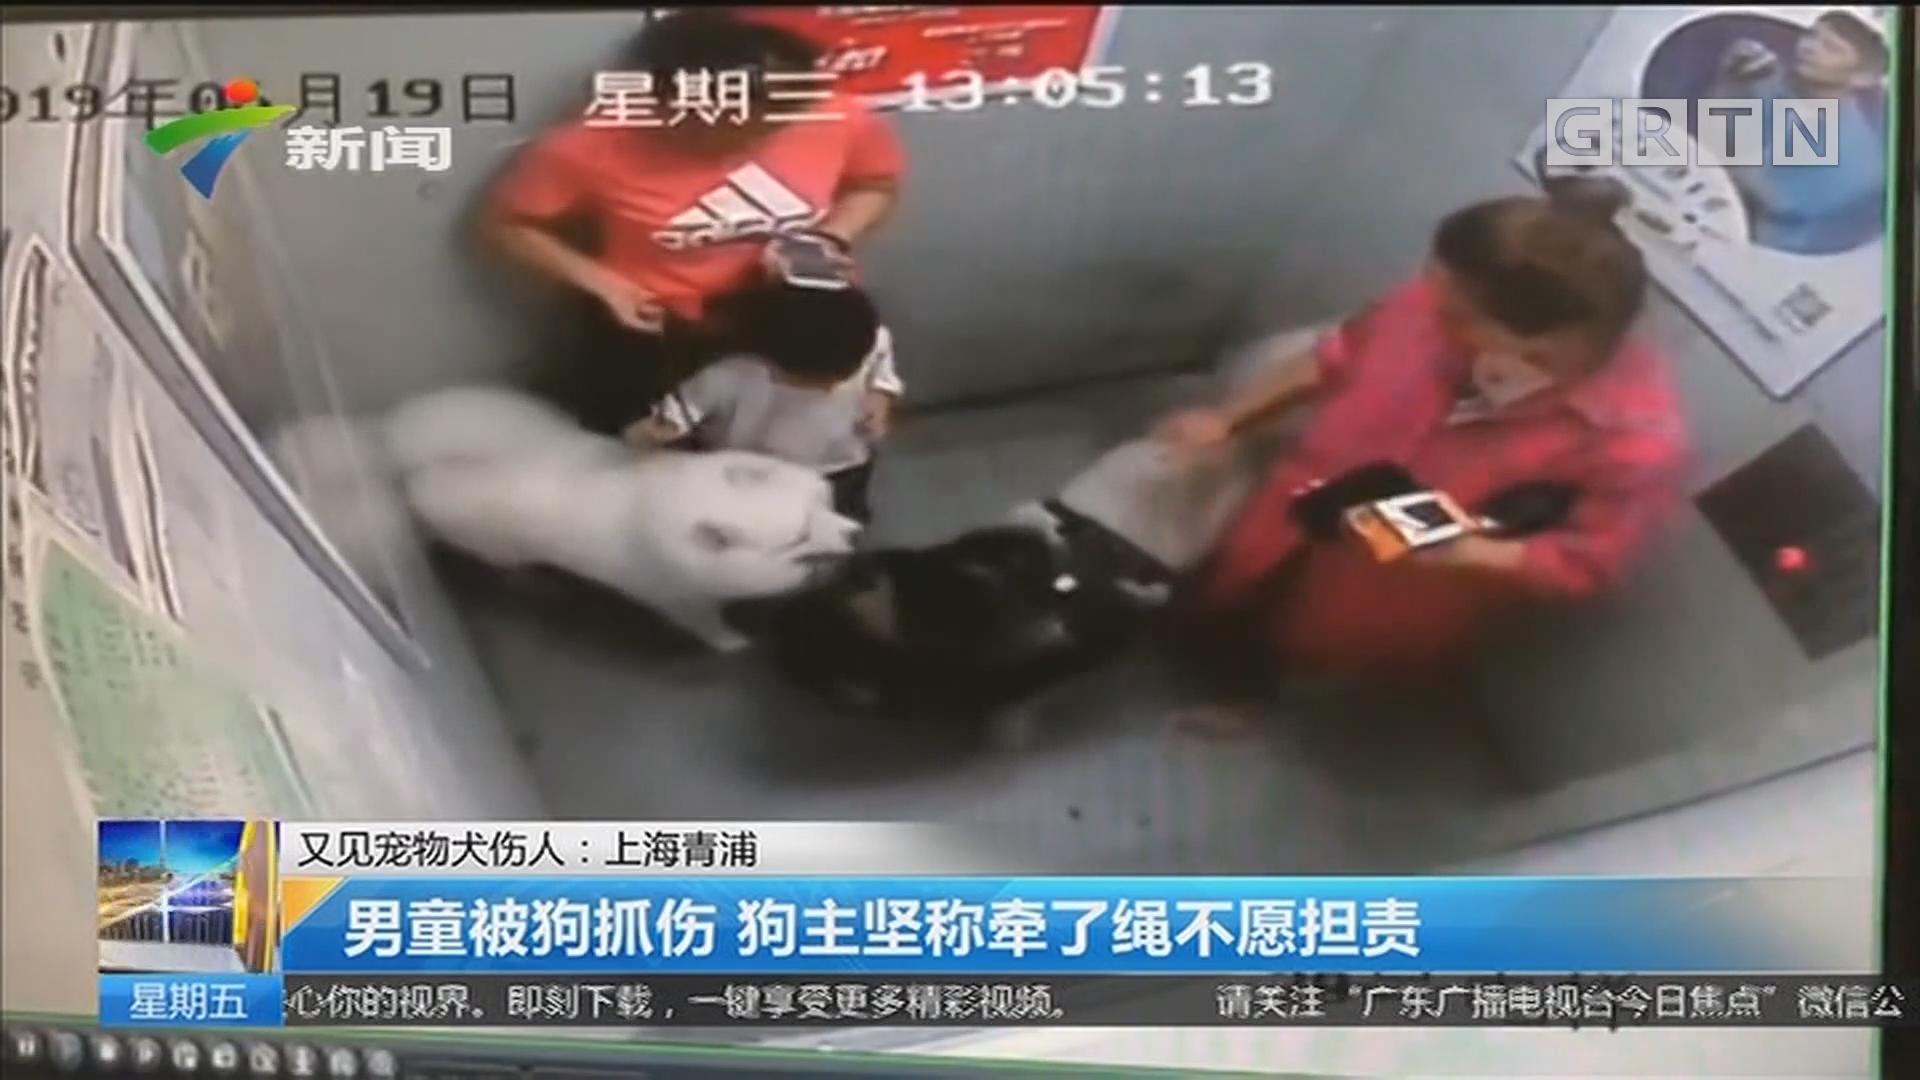 又见宠物犬伤人:上海青浦 男童被狗抓伤 狗主坚称牵了绳不愿担责